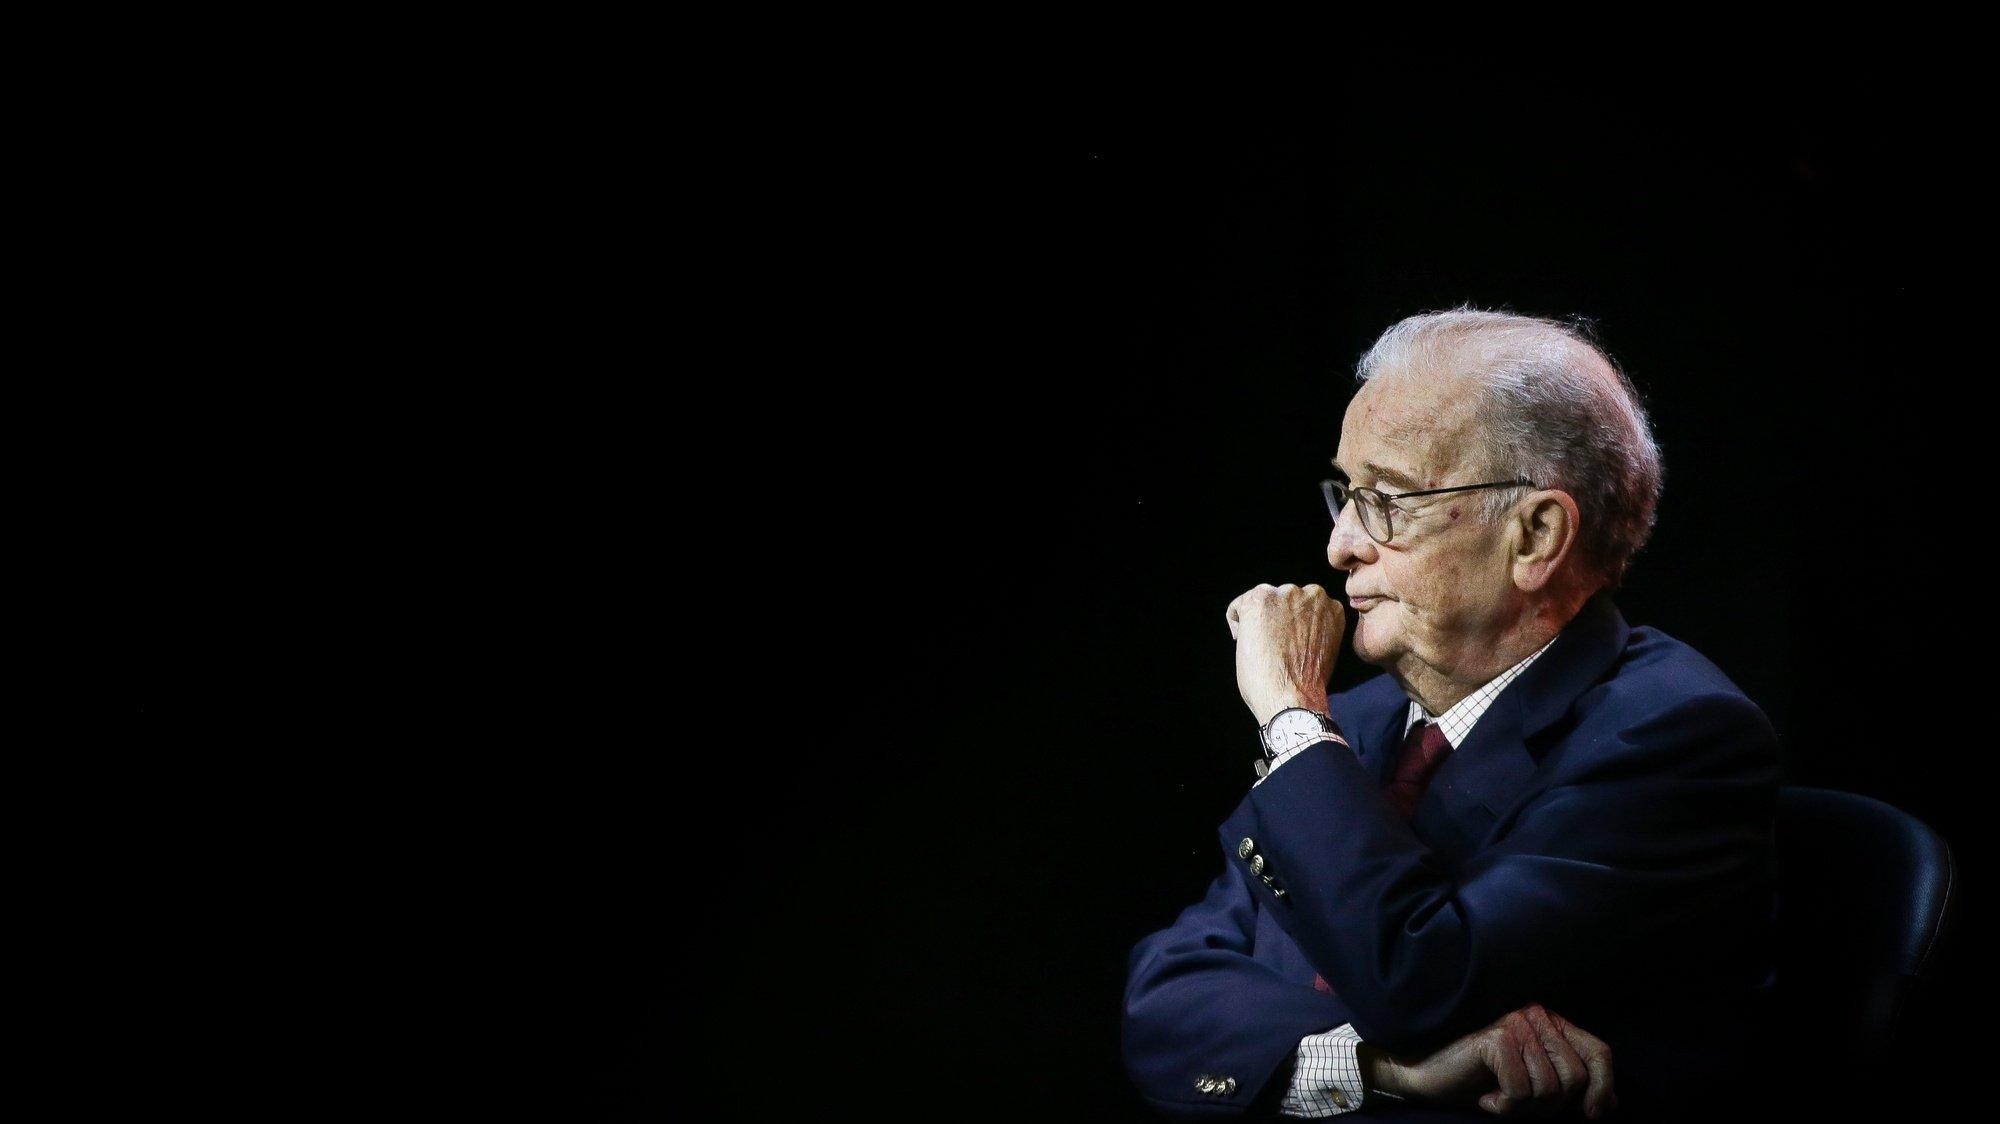 O antigo Presidente da República, Jorge Sampaio, participa na sessão evocativa dos 30 anos do Moderno Planeamento Estratégico de Lisboa que foi introduzido durante o seu primeiro mandato na Câmara Municipal de Lisboa, no Cineteatro Capitólio, em Lisboa, 27 de janeiro de 2020. MÁRIO CRUZ/LUSA